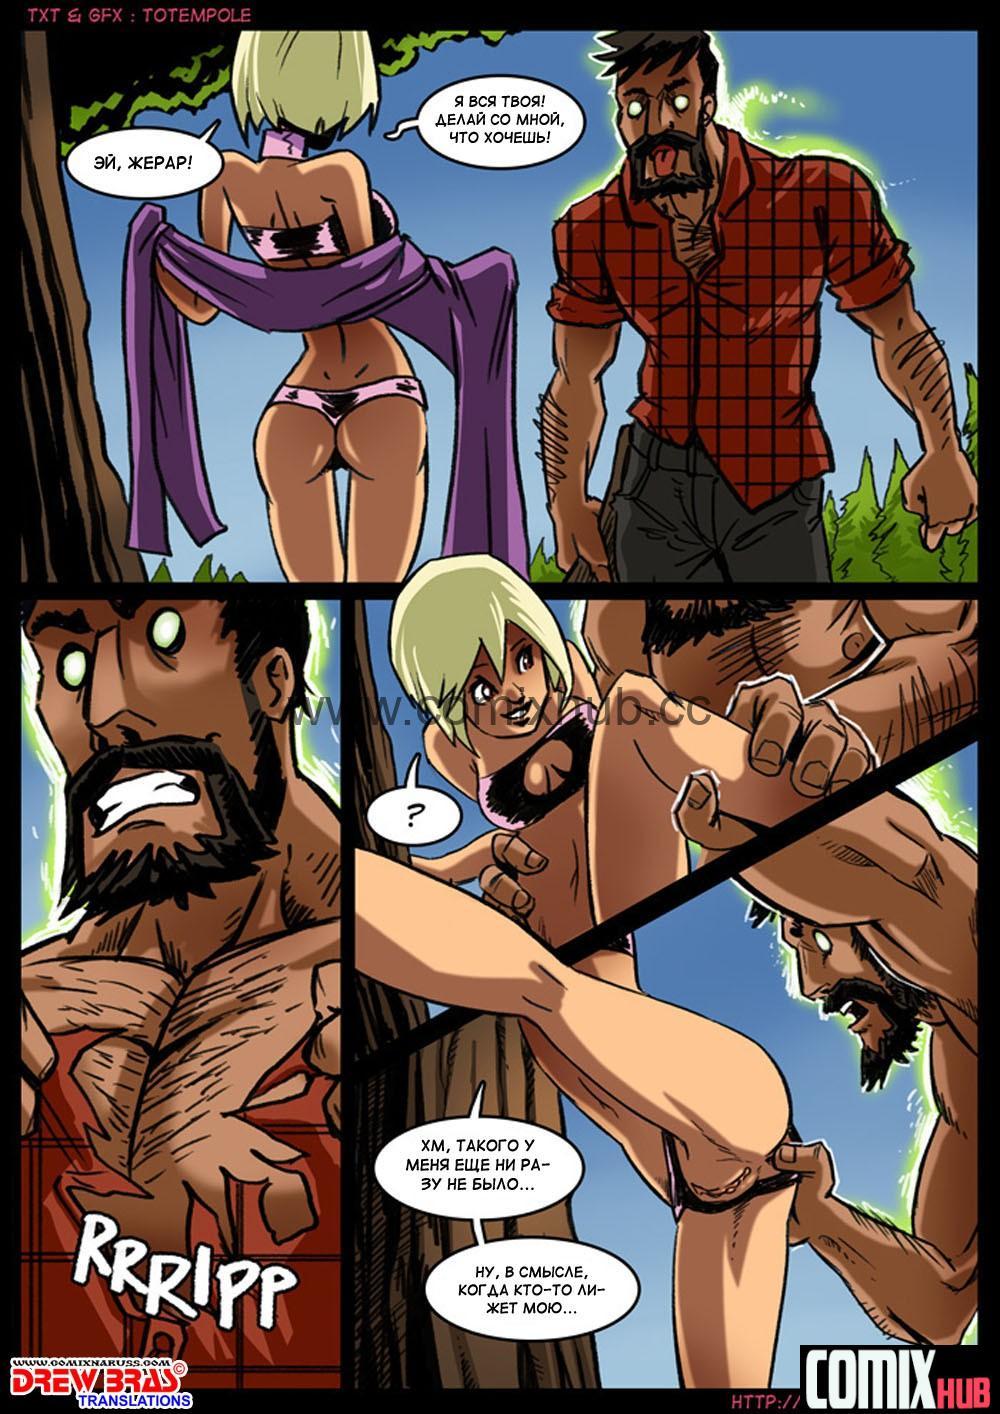 Порно комикс - Волшебница. Часть 5, Духи утреннего леса Порно комиксы, Большие члены, Мастурбация, Монстры, Супер-герои, Фурри